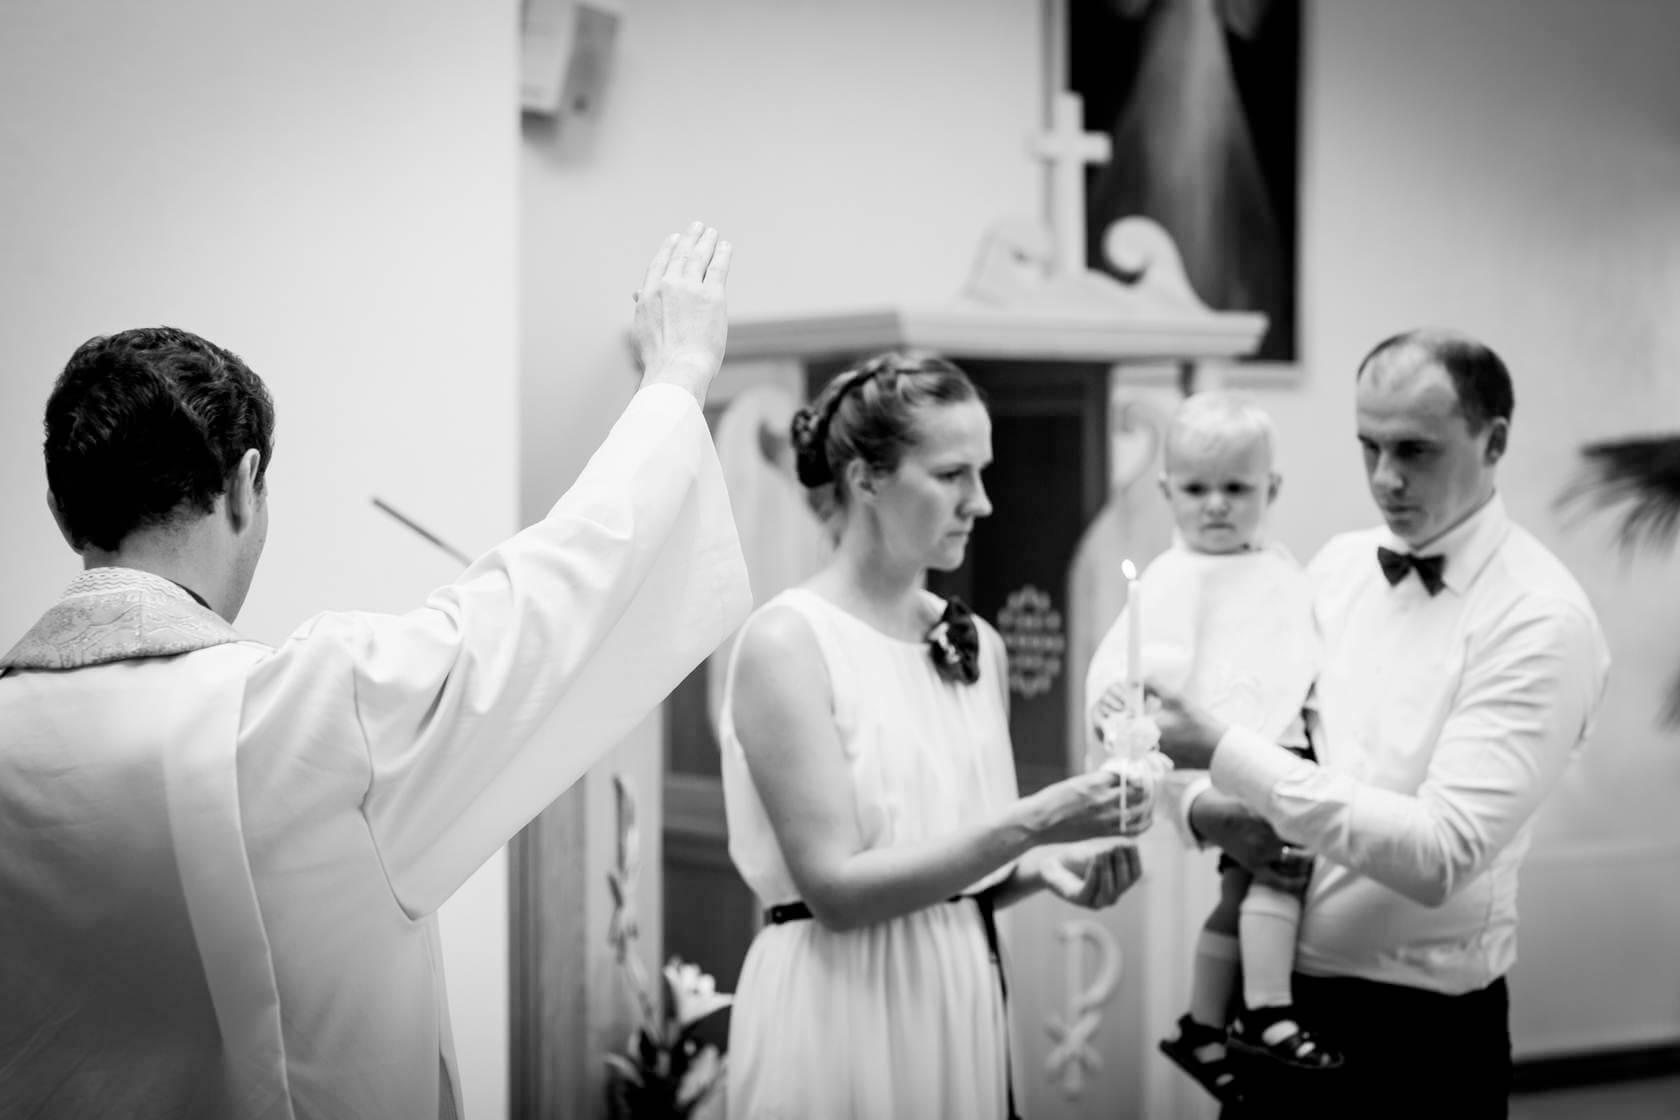 Šiuolaikinė krikštynų fotosesija